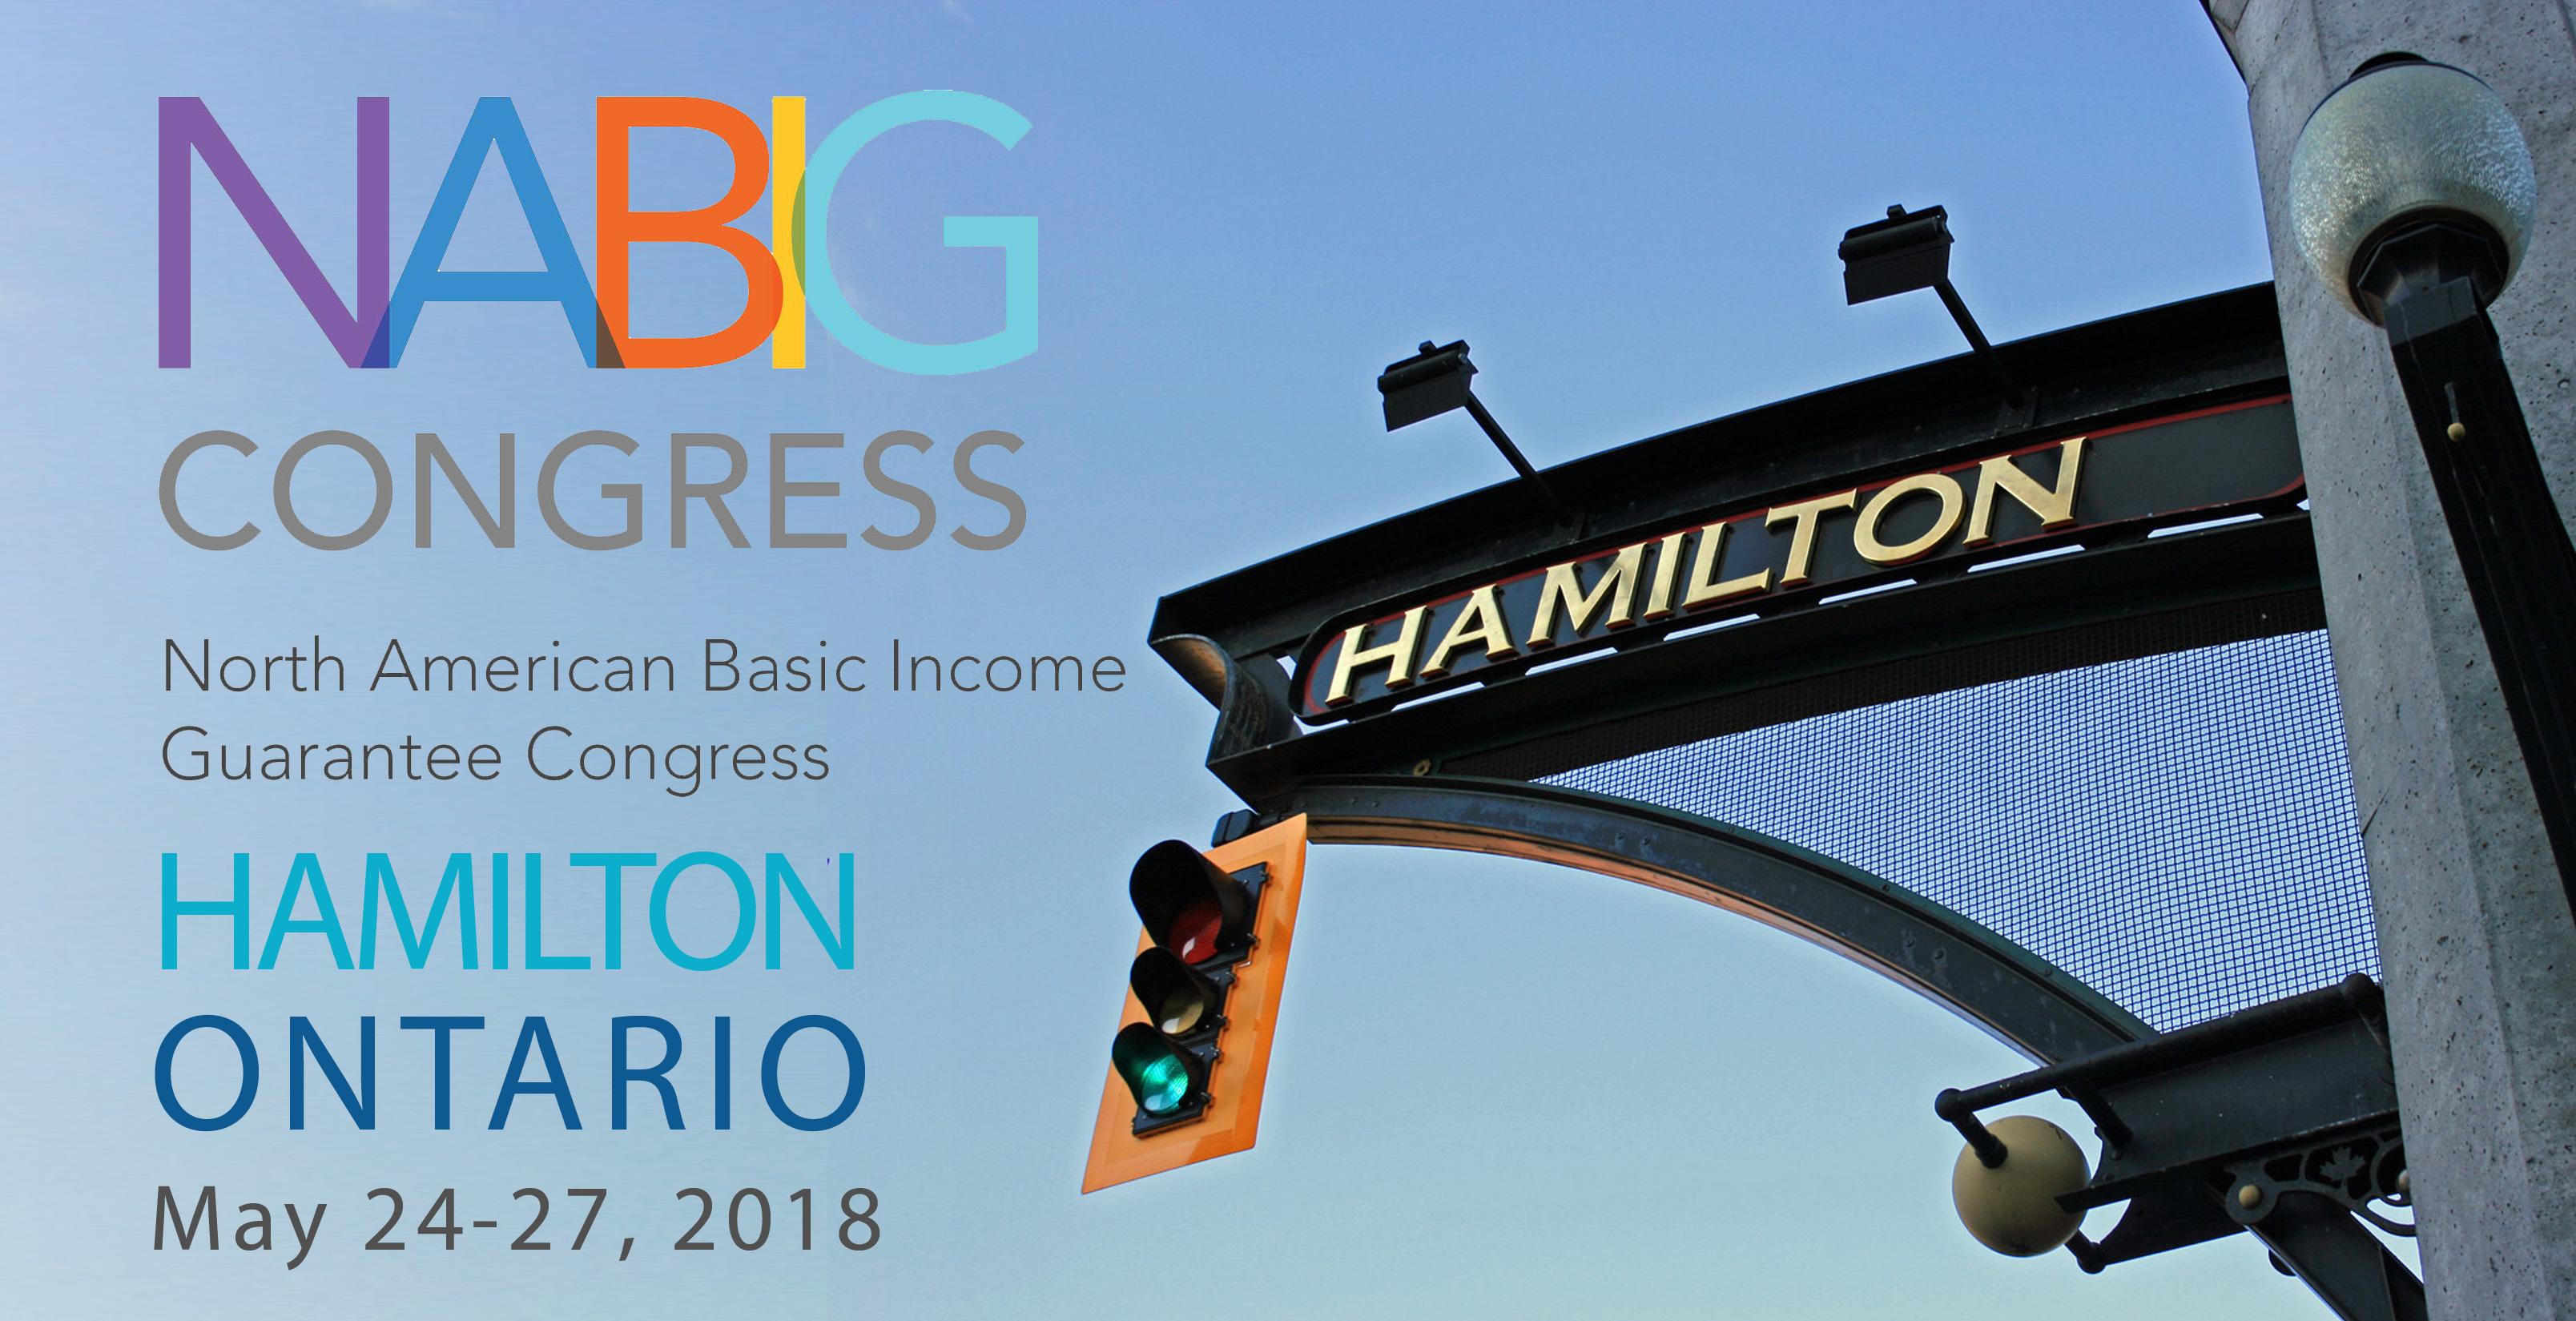 2018 North American Basic Income Congress comes to Hamilton